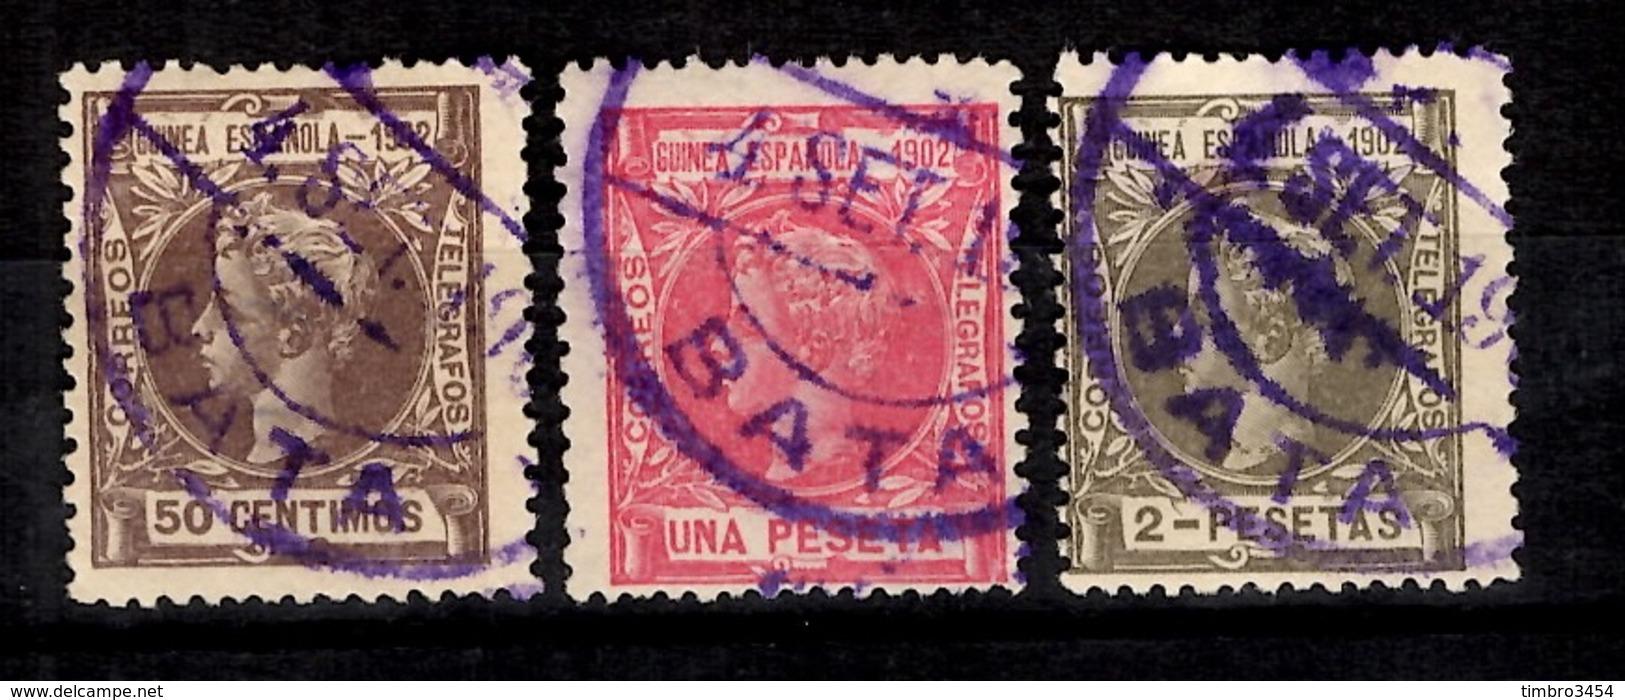 Guinée Espagnole YT N° 4, N° 6 Et N° 7 Oblitérés. B/TB. A Saisir! - Guinée Espagnole